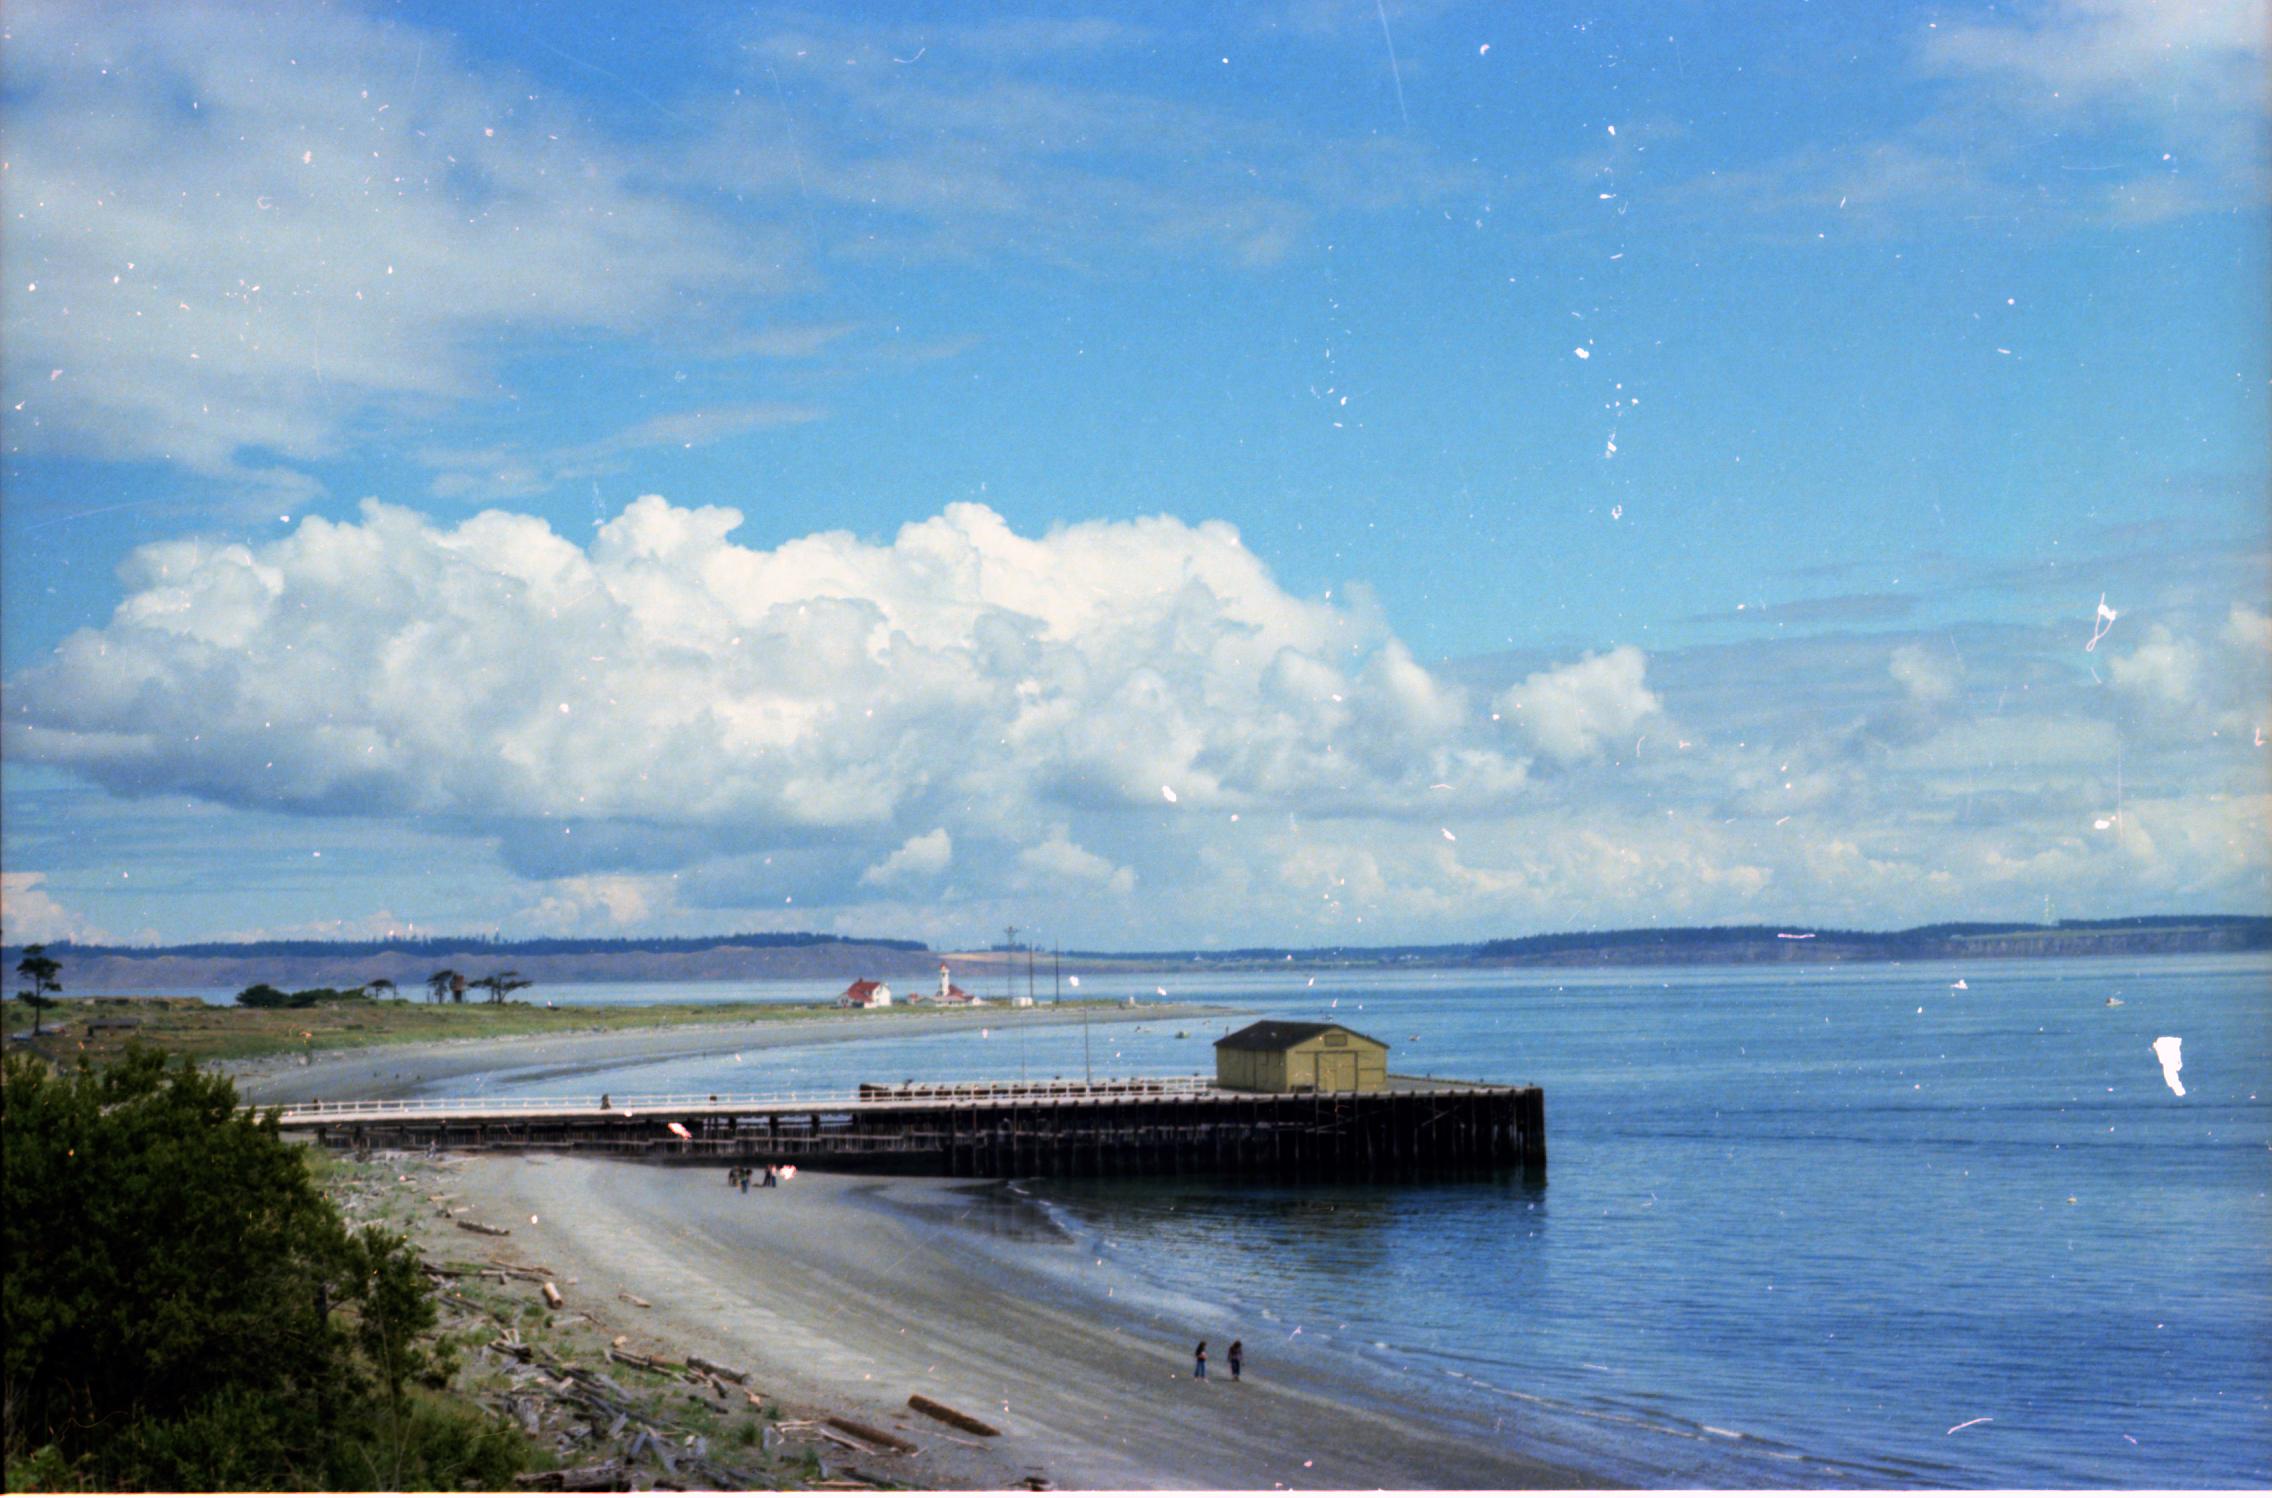 Fort Worden Pier